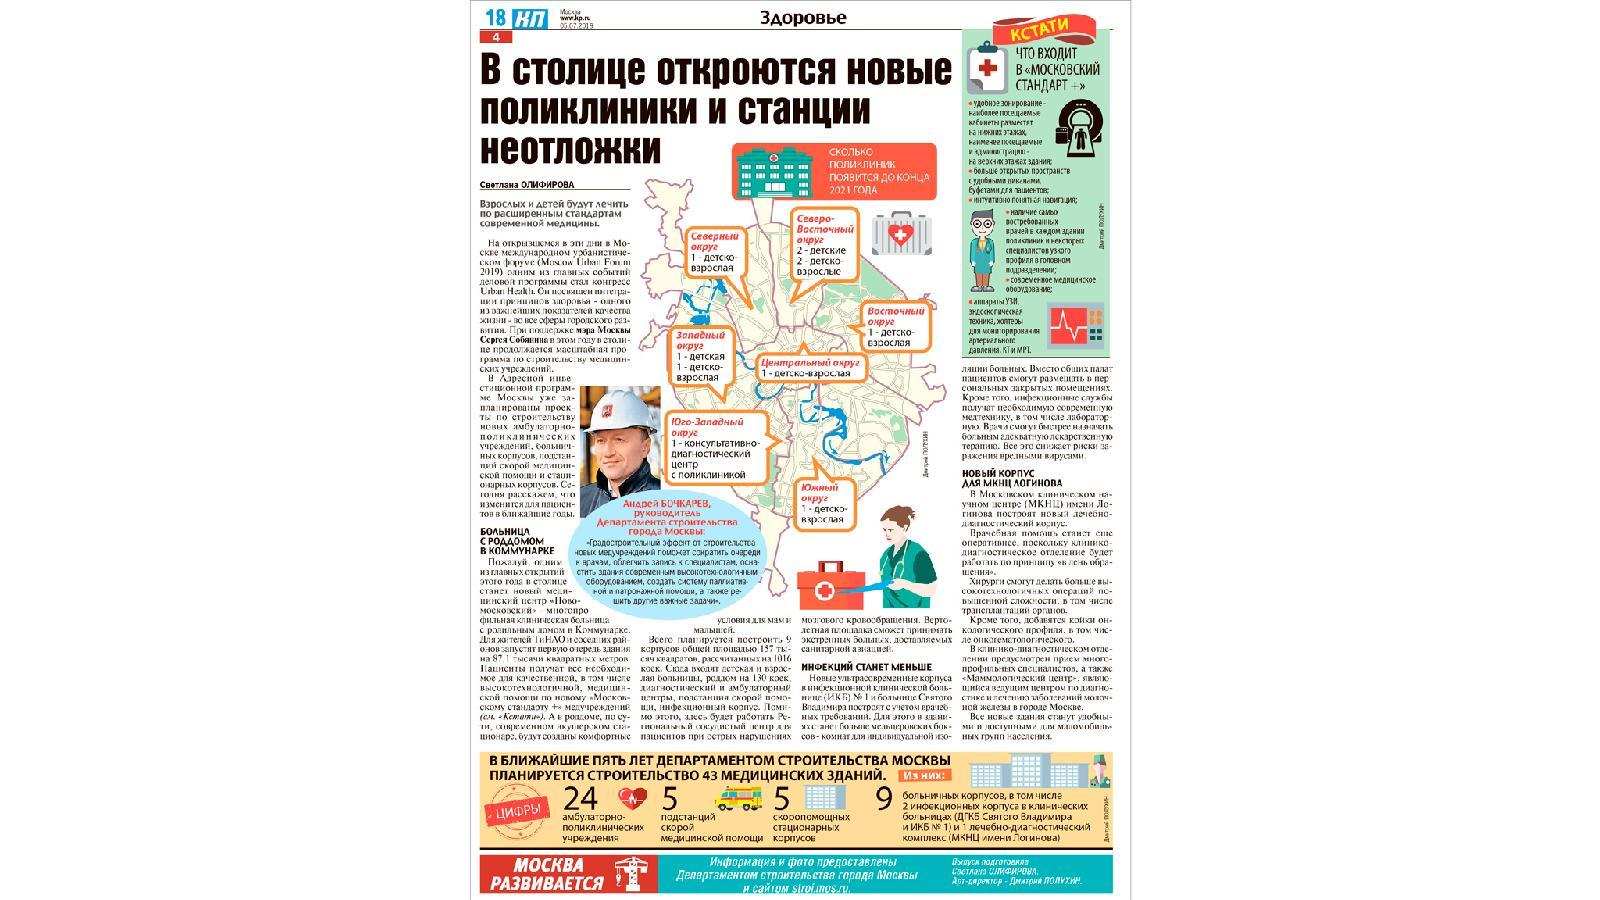 Инфографика «КП» показывает, сколько поликлиник появится в Москве до 2021 года